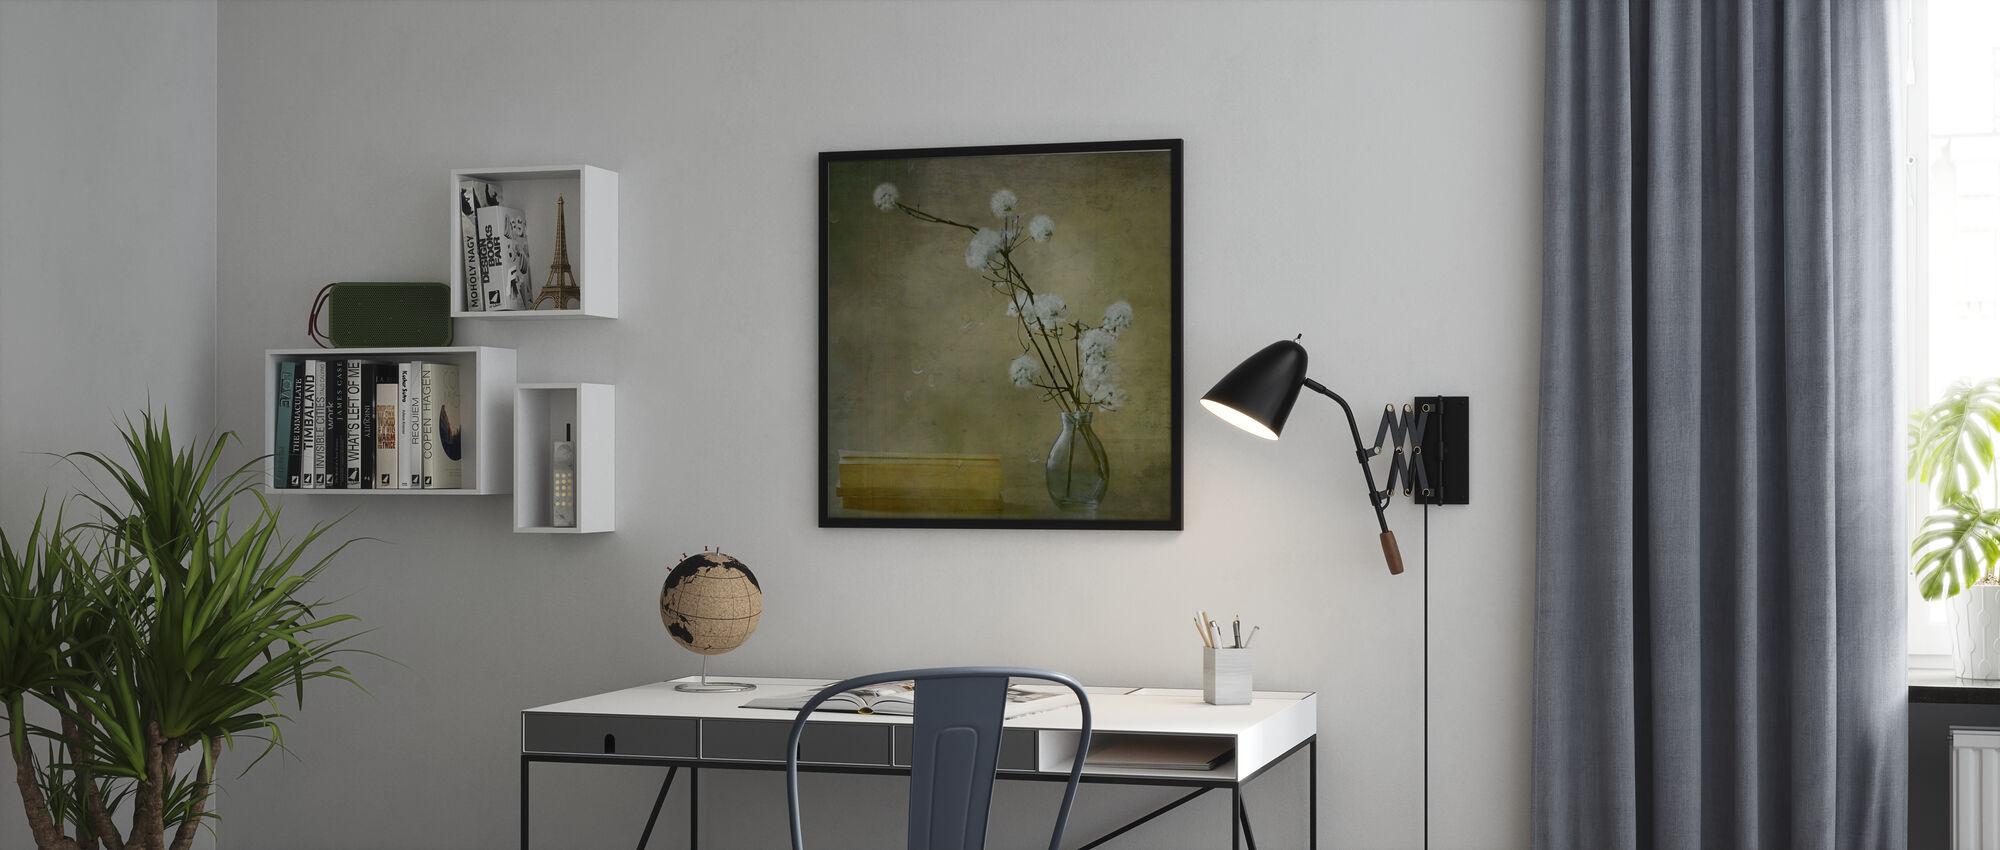 Books - Framed print - Office